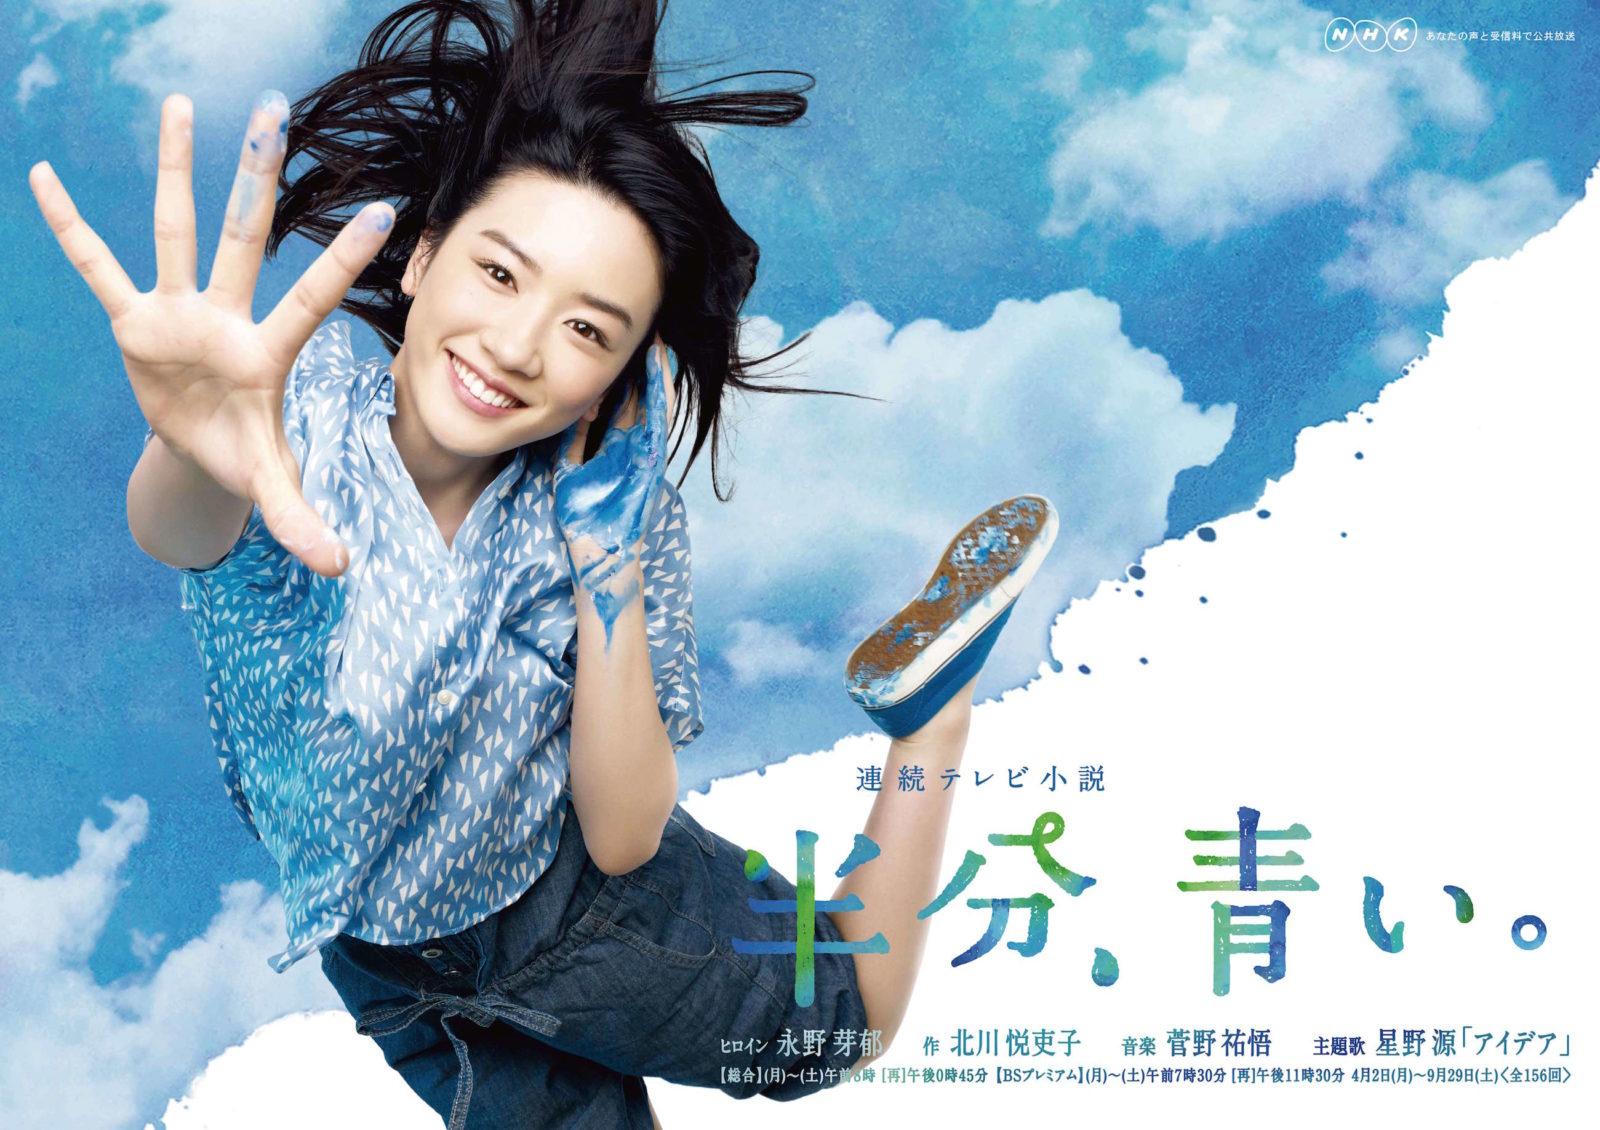 裕子の決断に秋風の親心…『半分、青い。』第12週にネット大反響!サムネイル画像